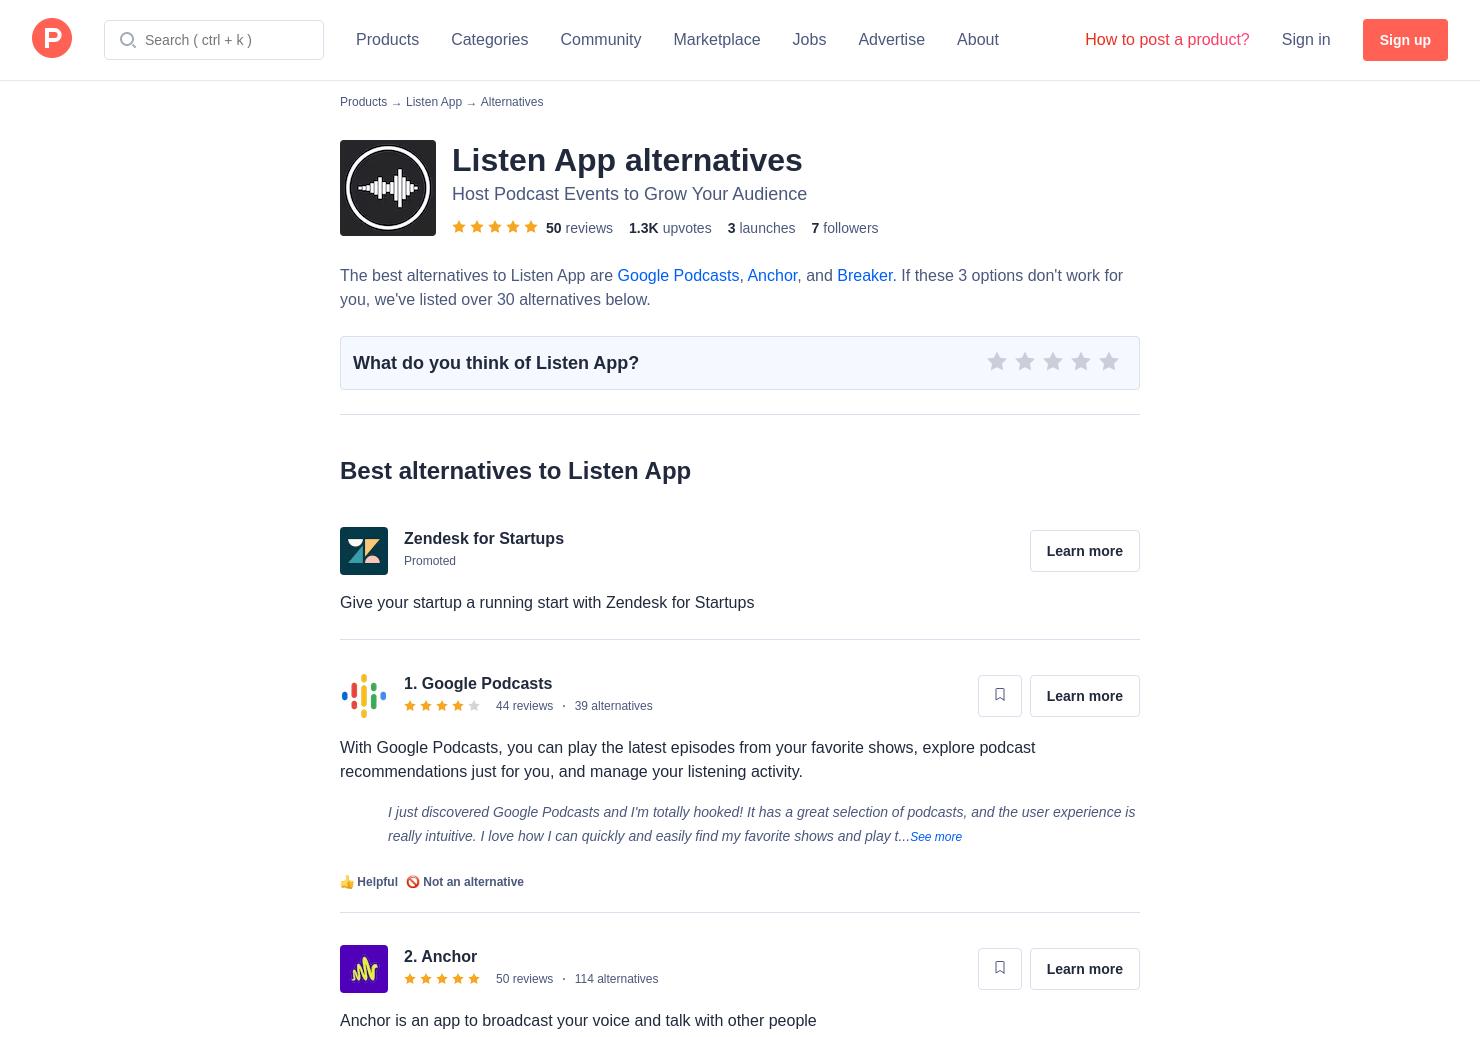 7 Alternatives to Listen App   Product Hunt